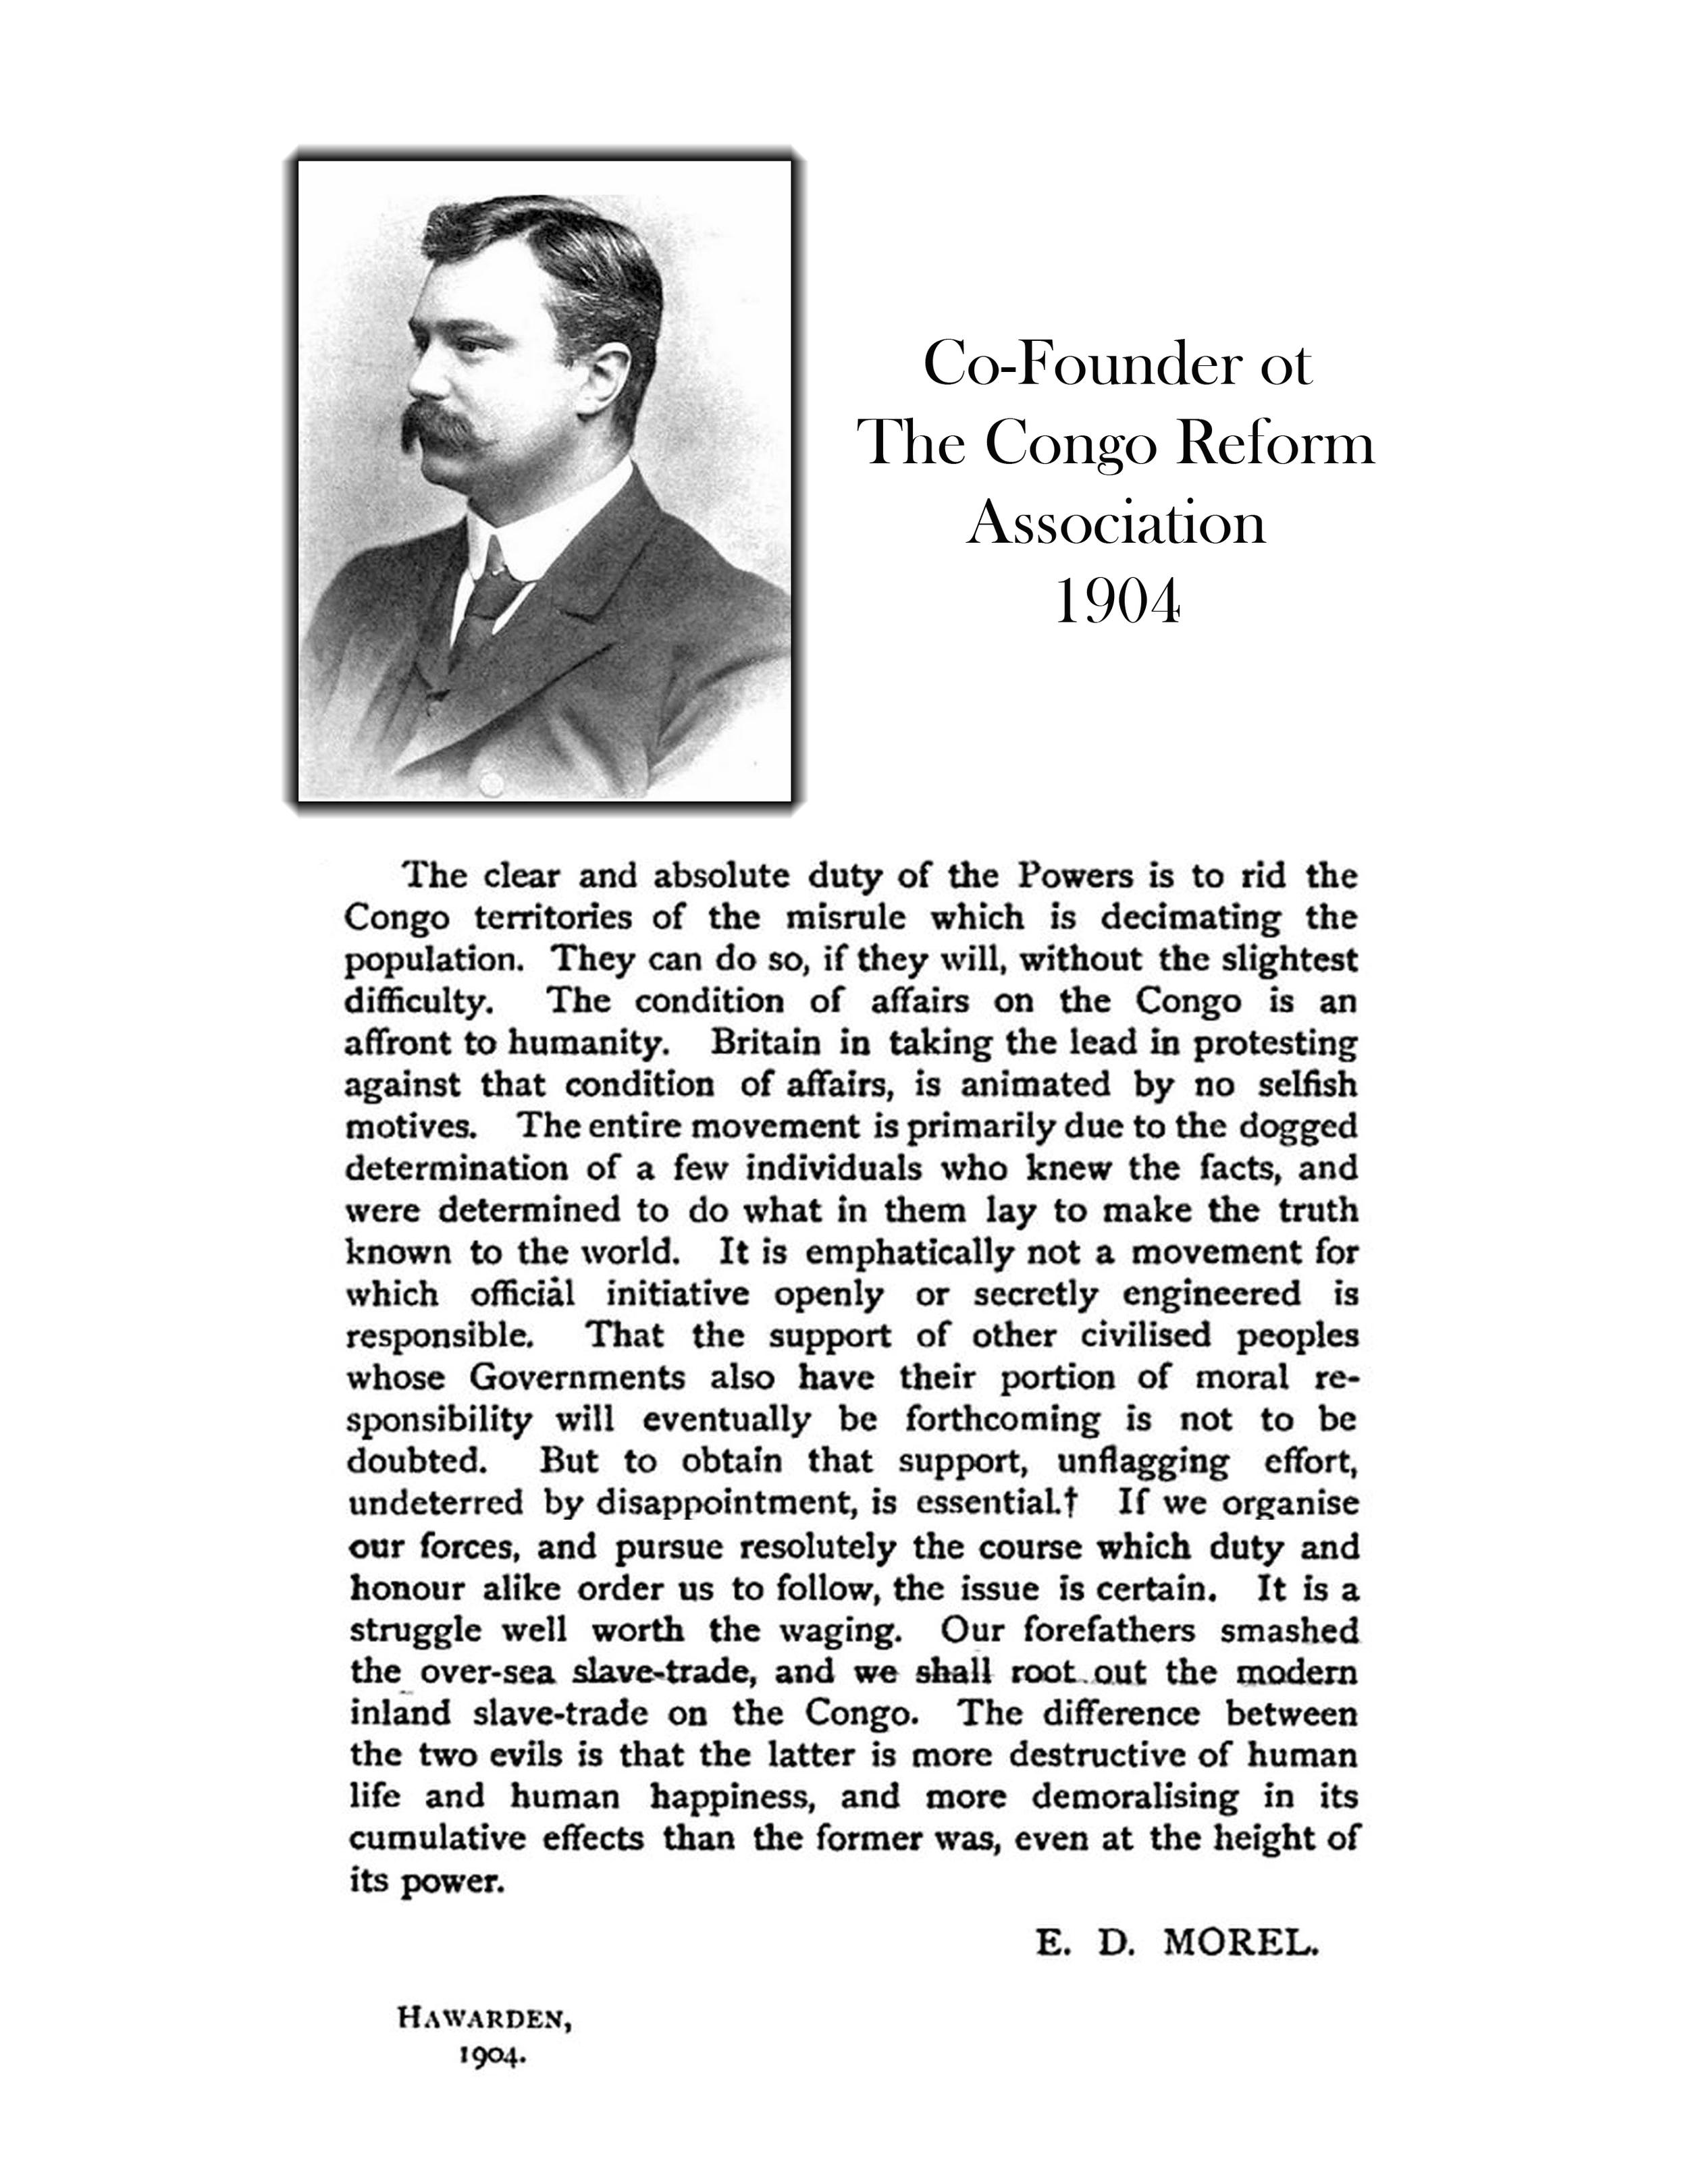 Edmund Morel & the C.R.A.